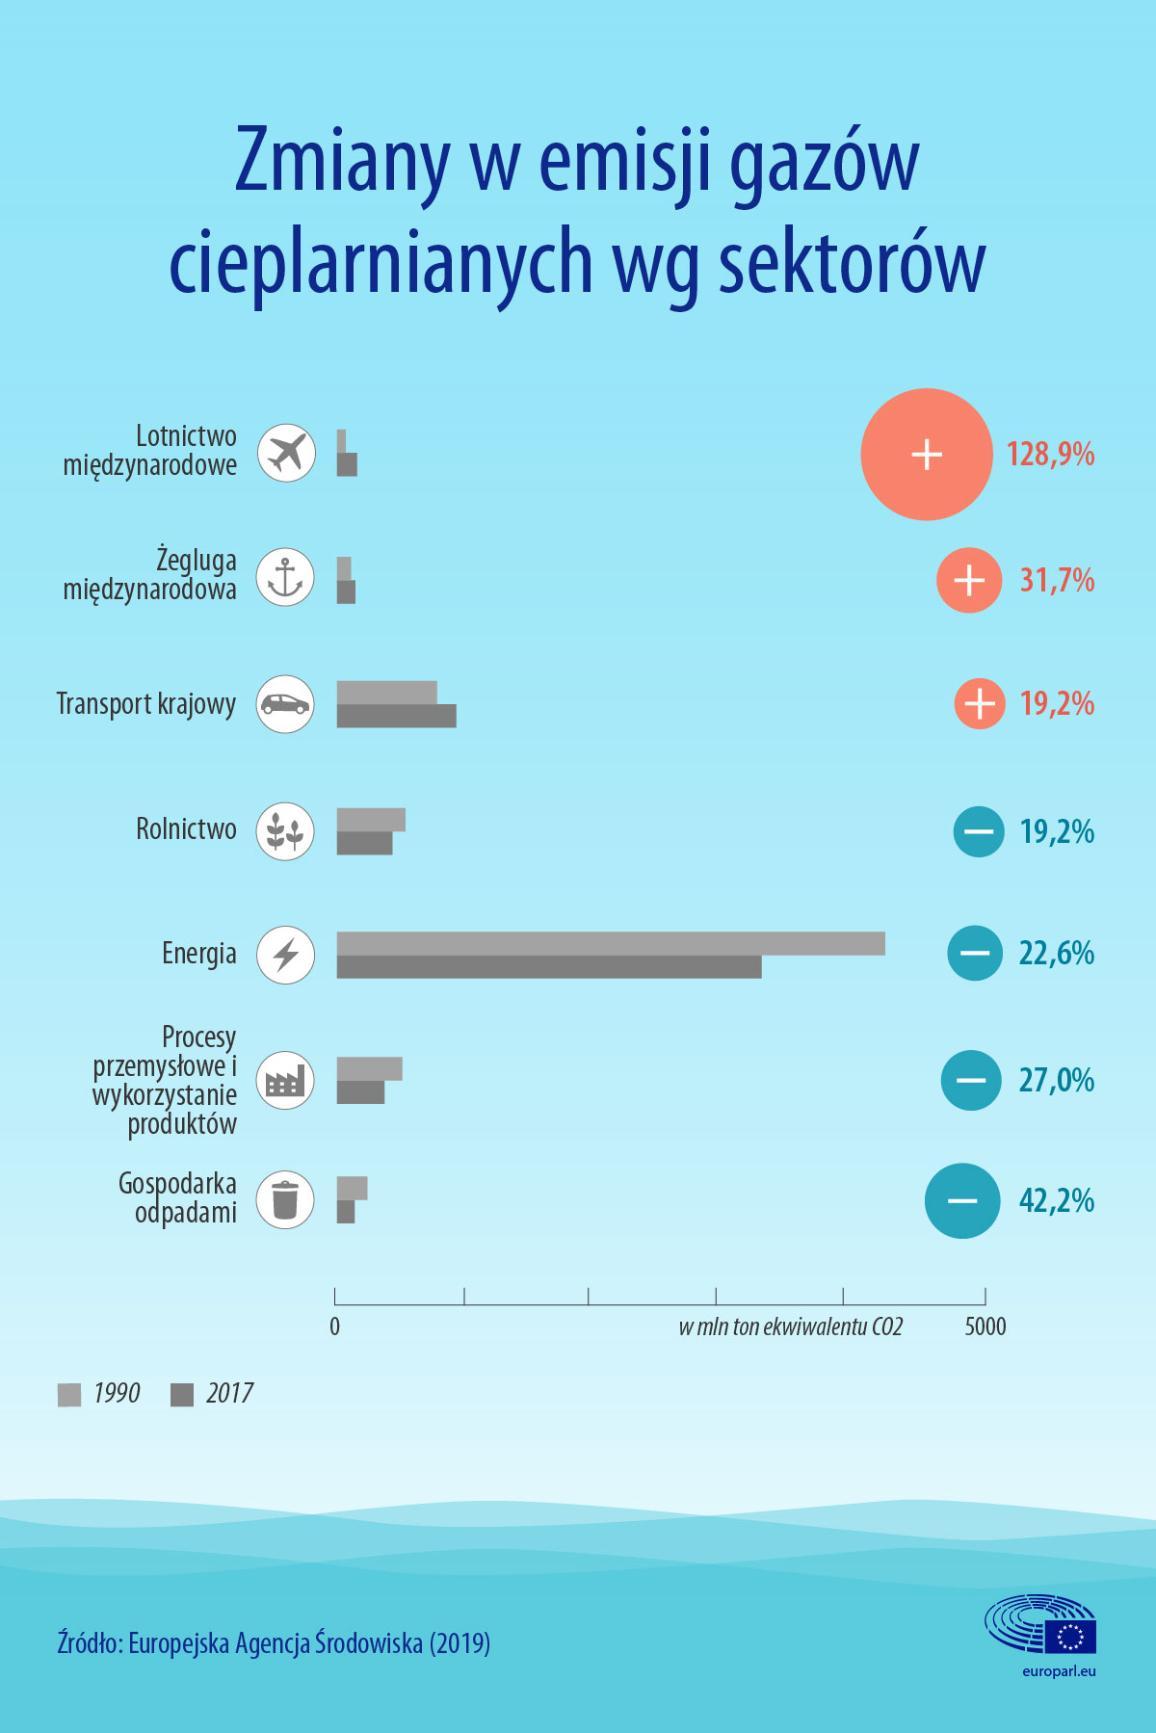 Infografika na temat zmian w emisji gazów cieplarnianych według sektorów, w tym w lotnictwie i żegludze.